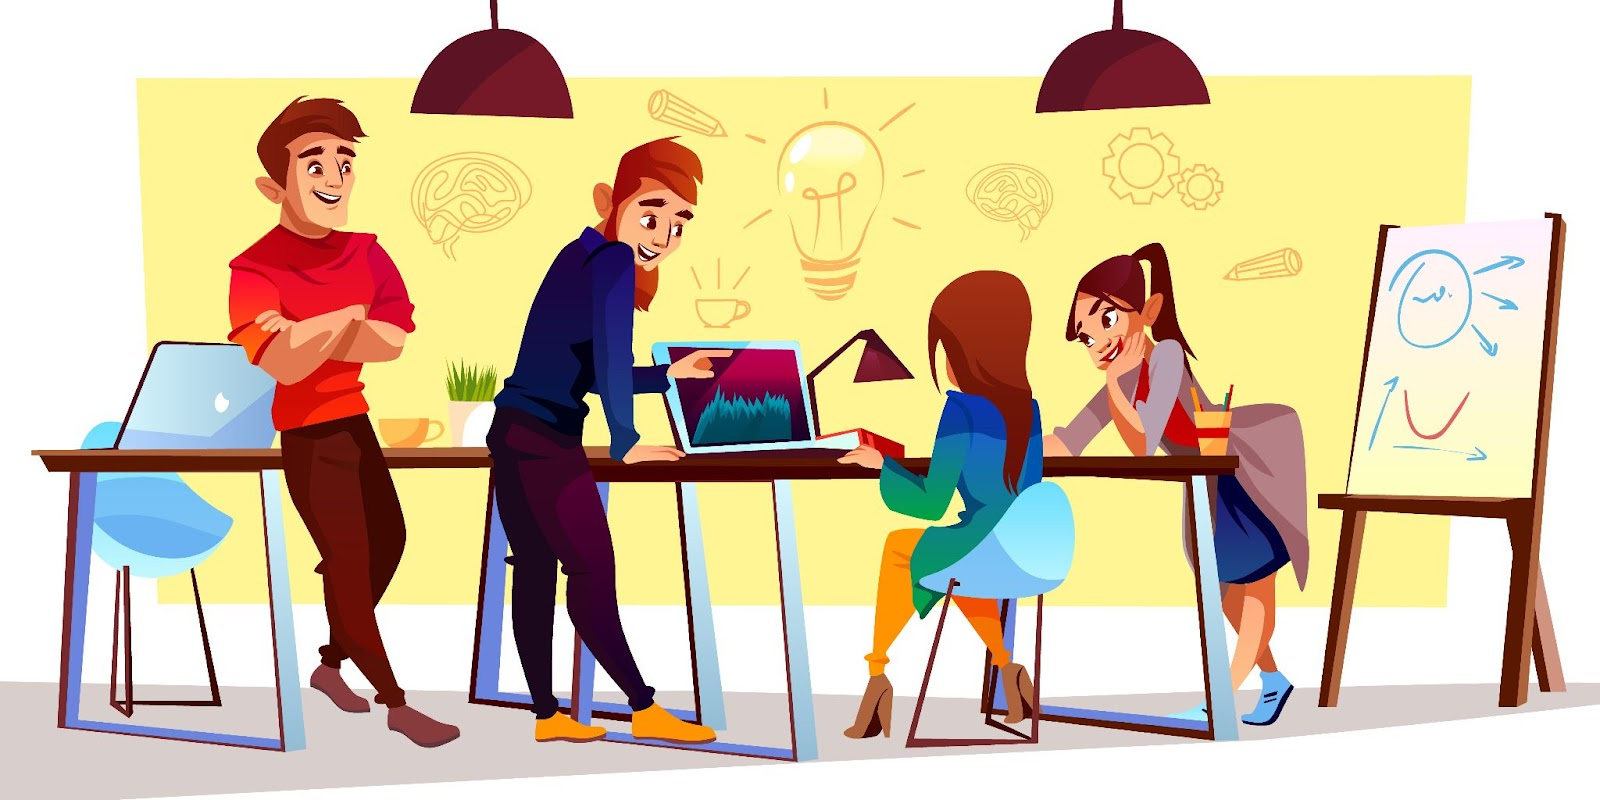 الدراسة في الخارج لطلاب الثانوية: 5 تخصصات واعدة قد تغير حياتك